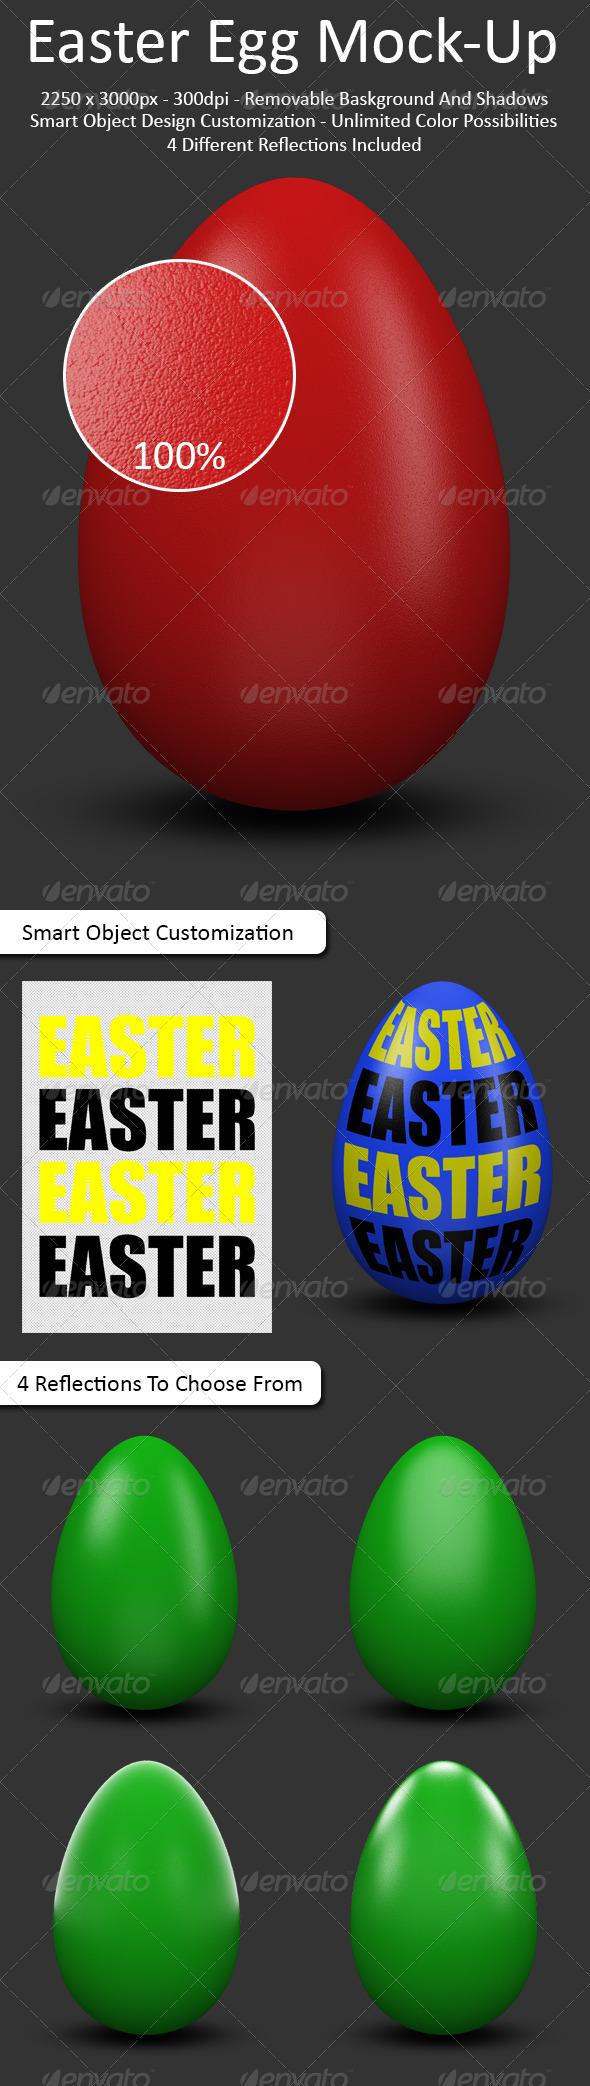 GraphicRiver Easter Egg Mock-Up 6729127